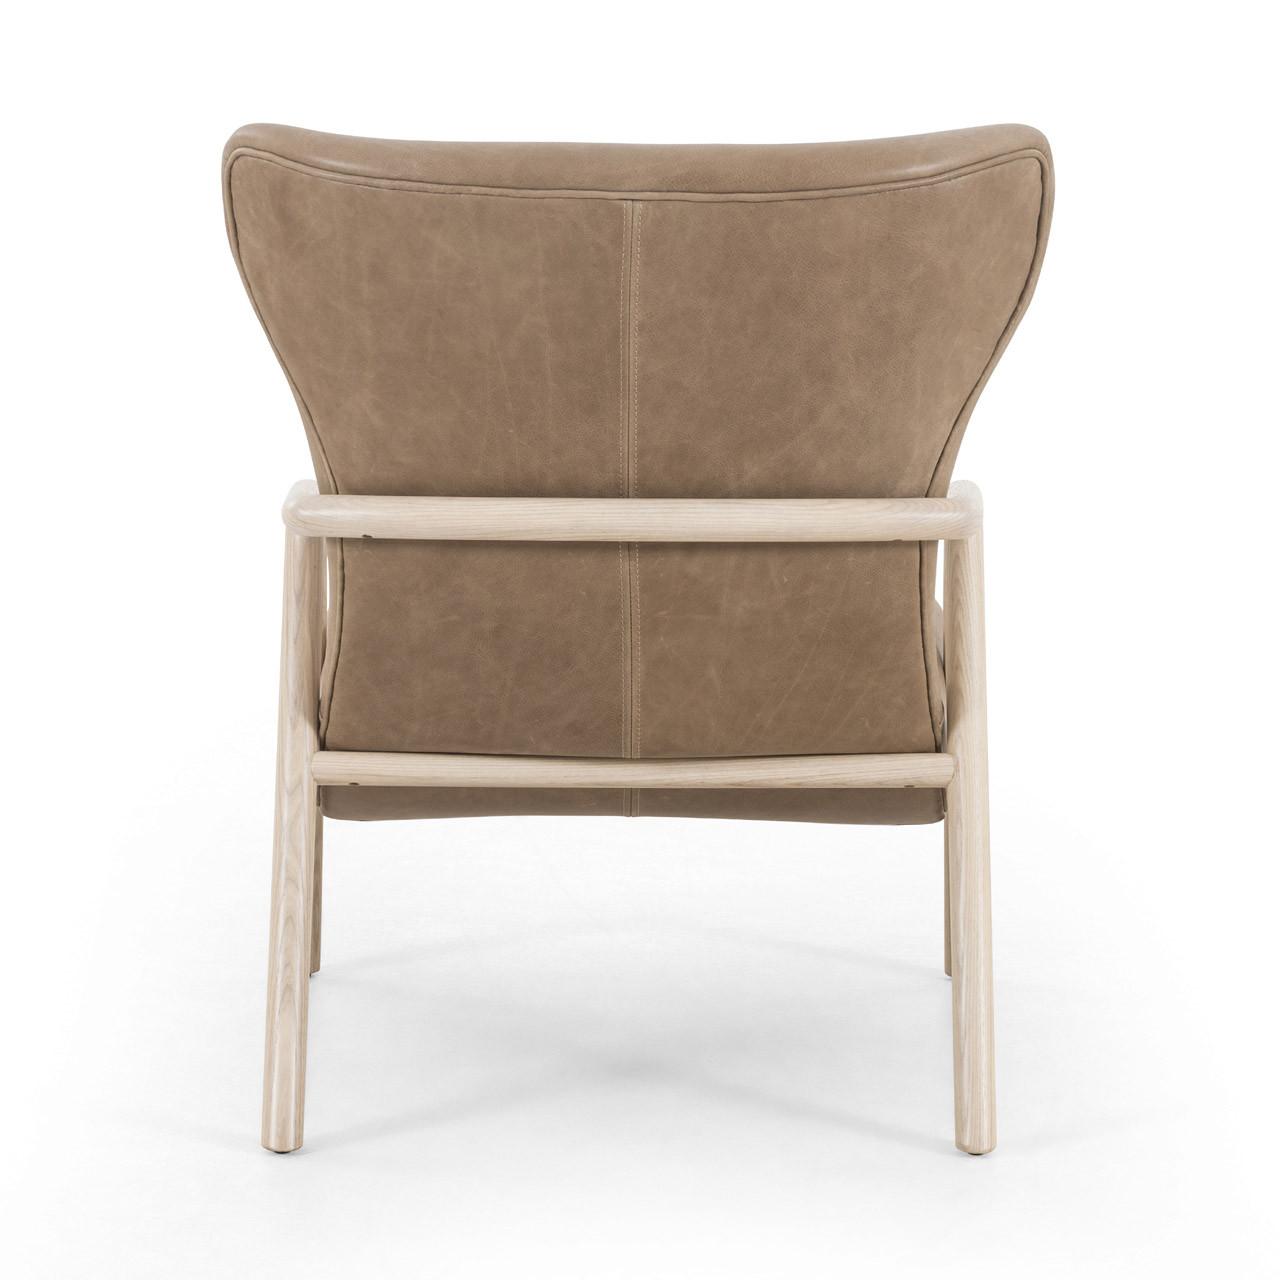 Knoll Lounge Chair - Palermo Drift